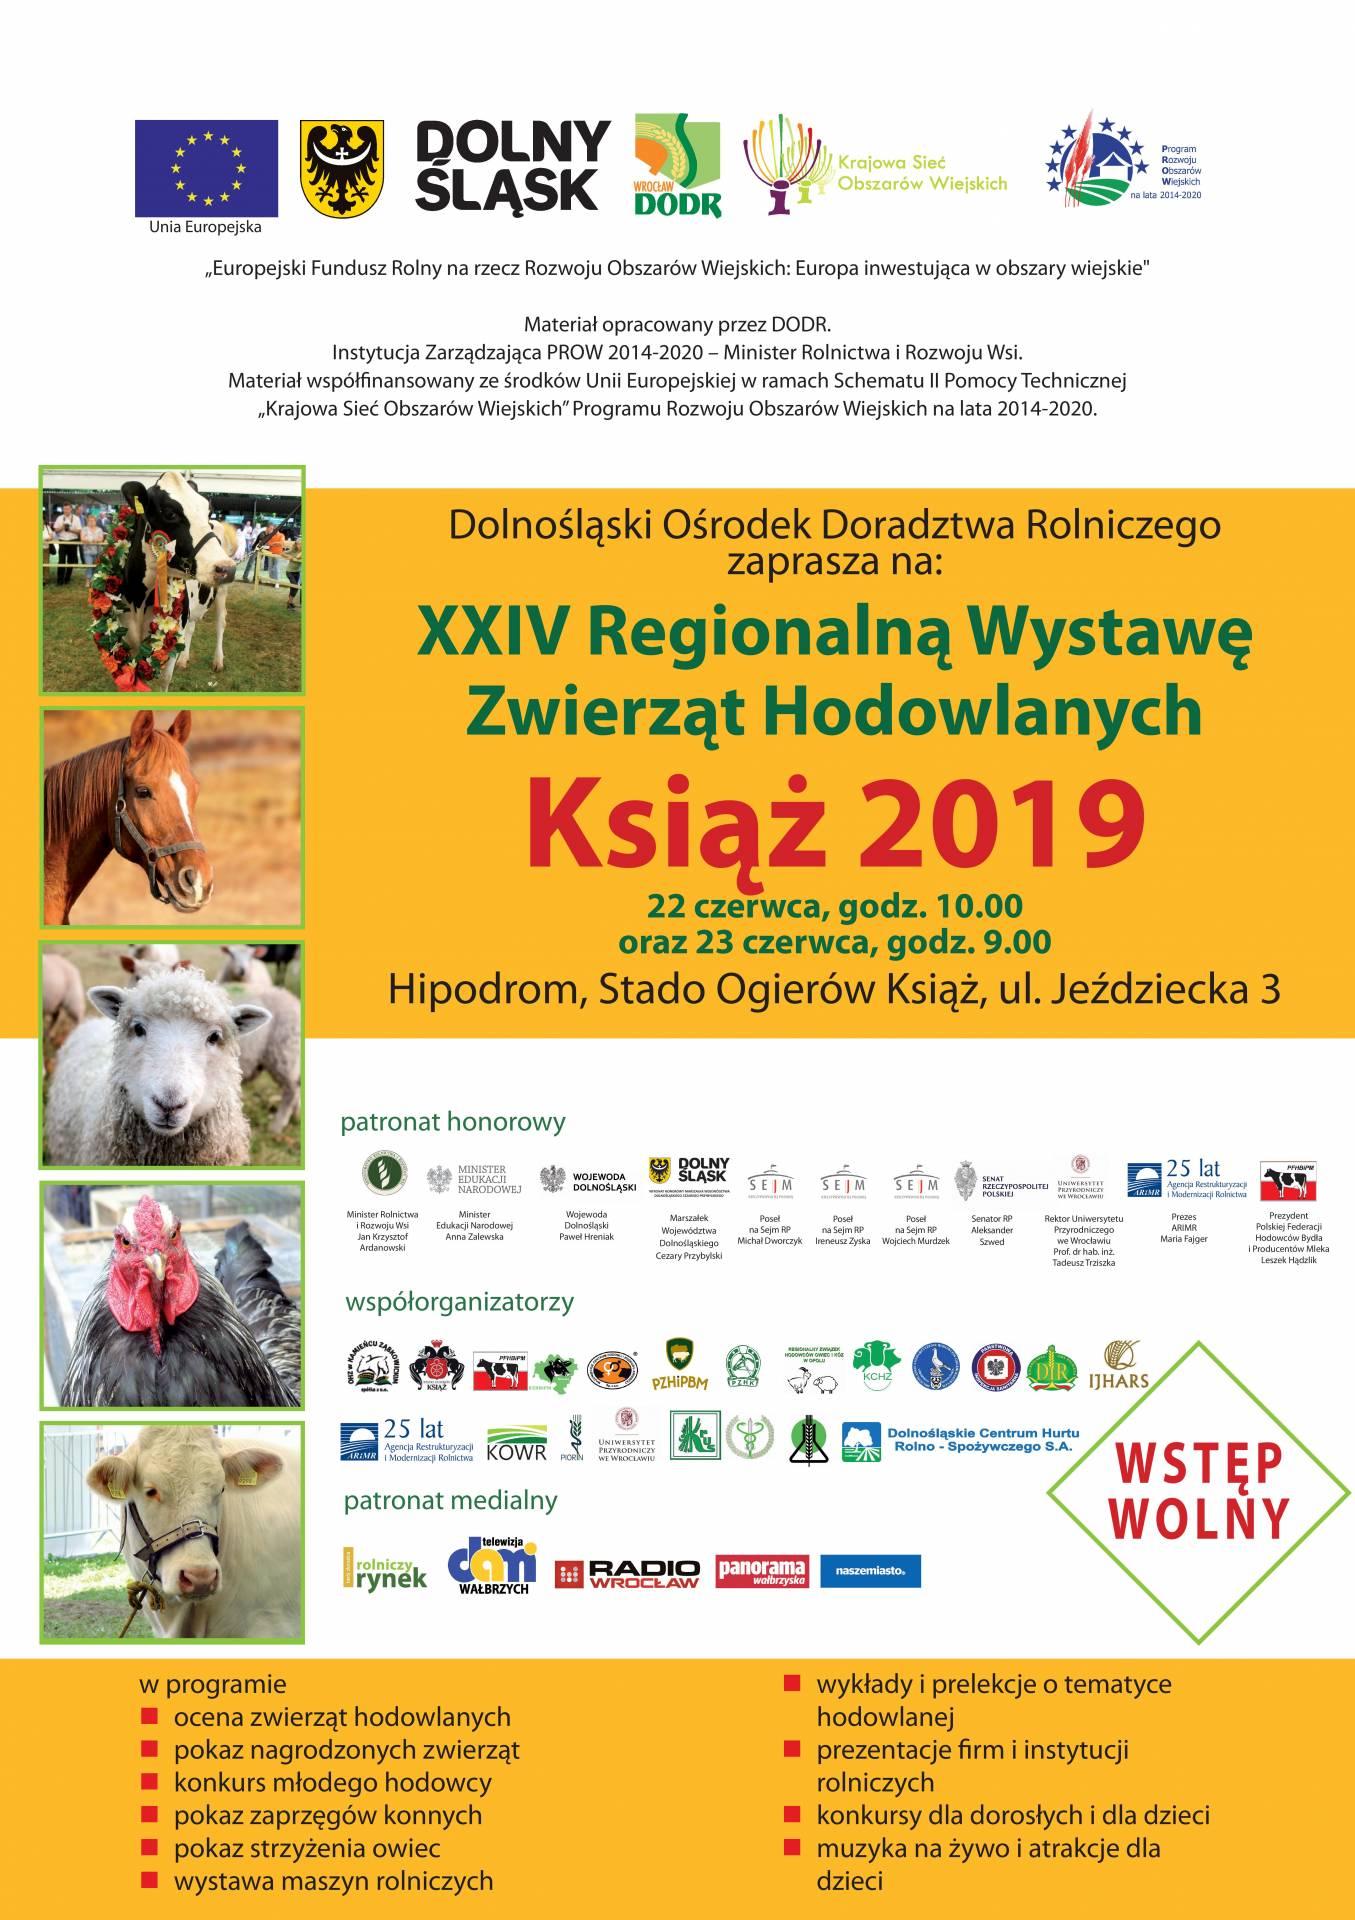 XXIV Regionalna Wystawa Zwierząt Hodowlanych